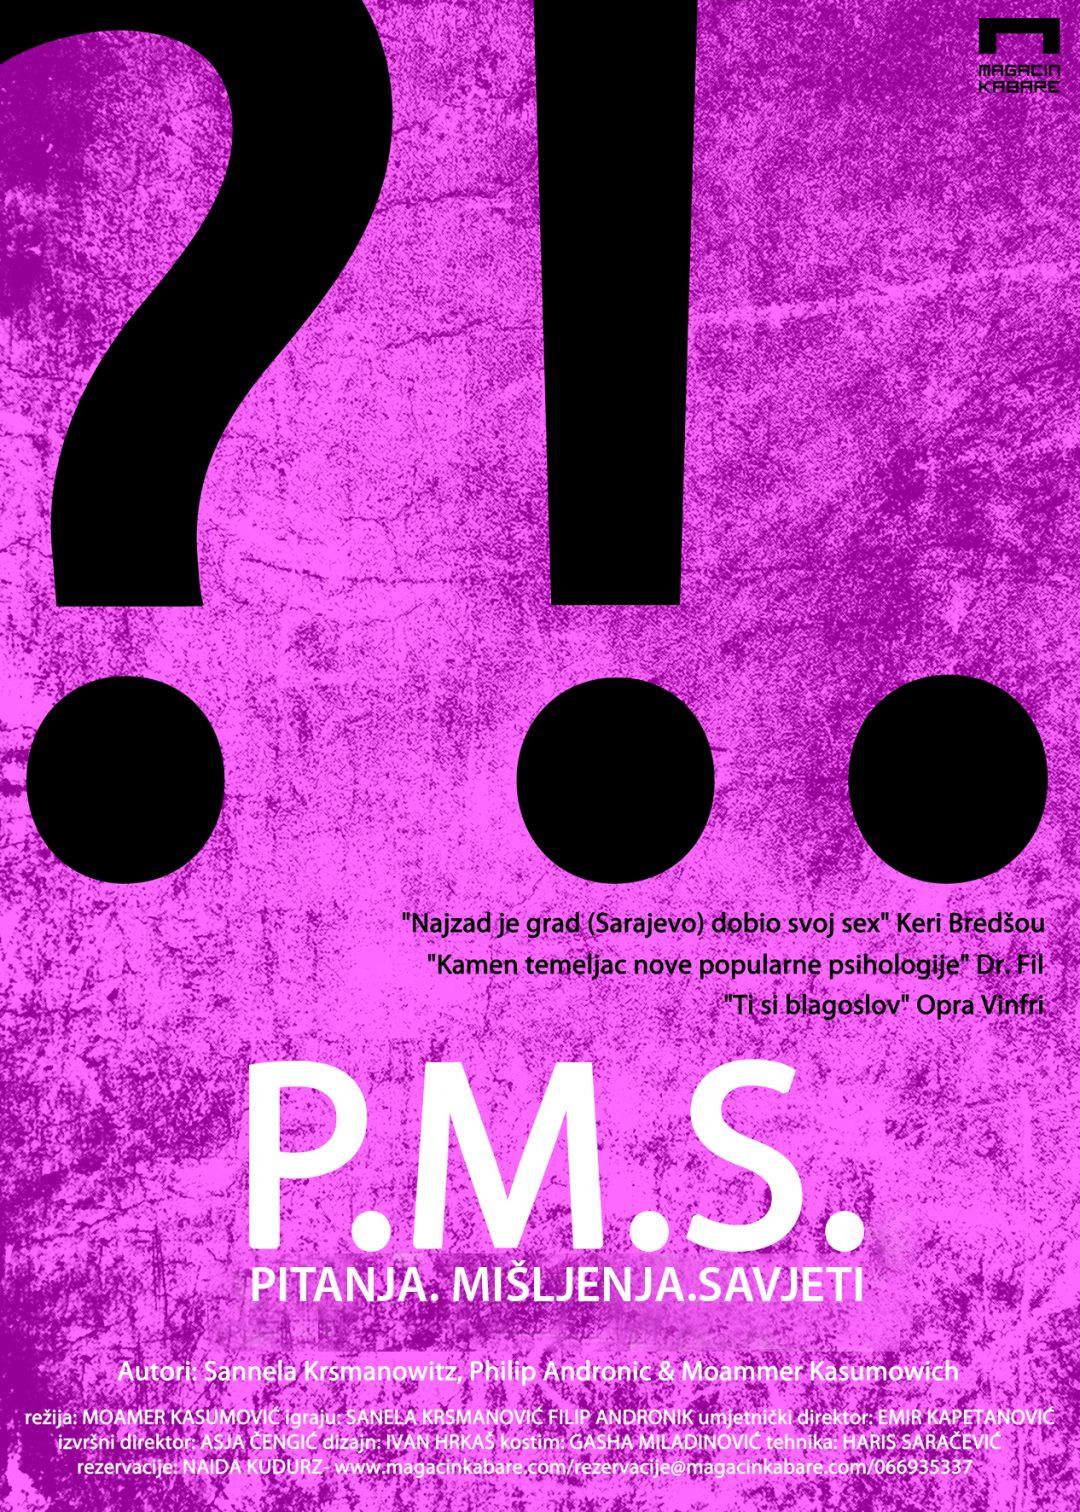 P.M.S